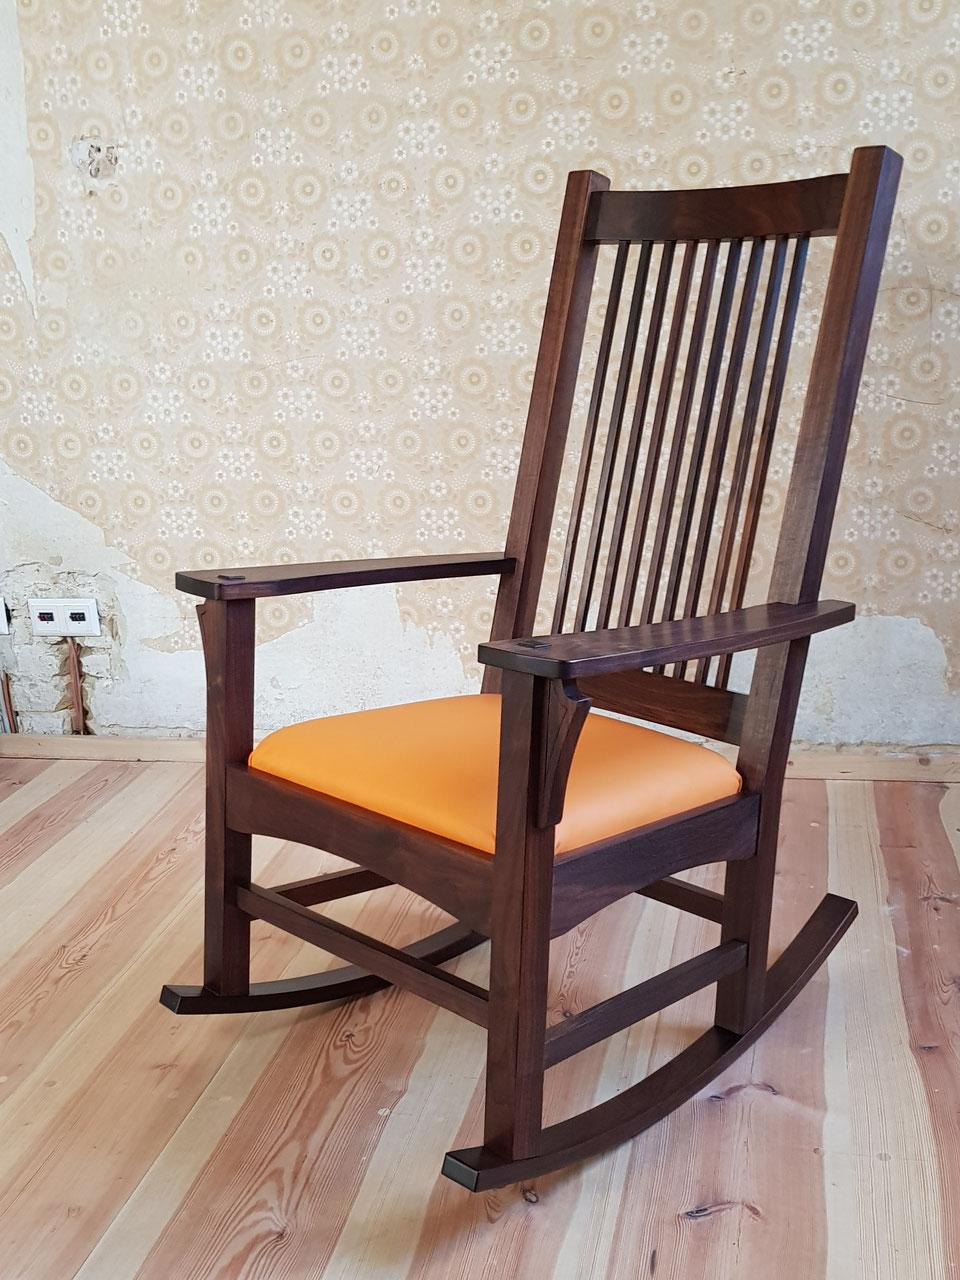 Schaukelstuhl / Rocking Chair Throughout Dark Walnut Brown Wooden Rocking Chairs (#17 of 20)